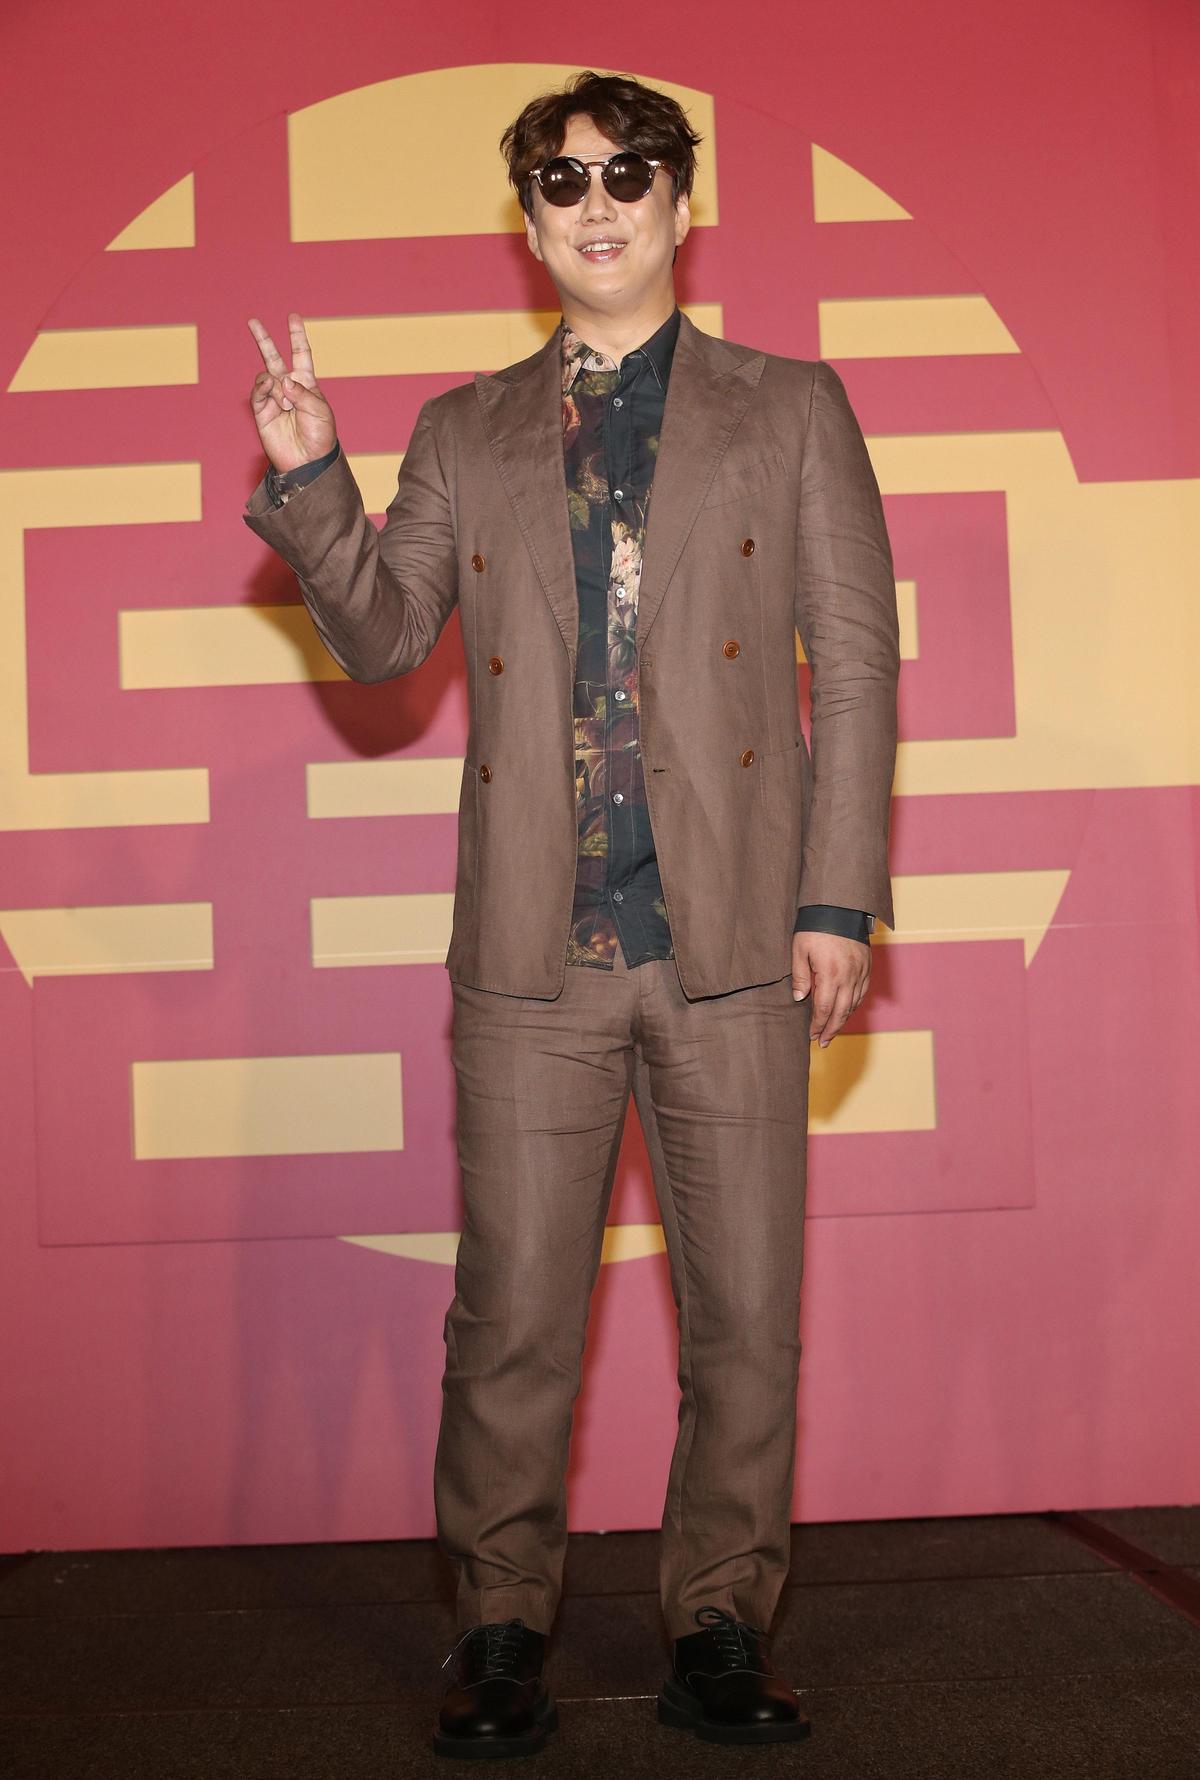 蕭煌奇的慶生公益演唱會「有你陪伴 慶生公益演唱會」將於22日在台北華山Legacy舉辦。(環球提供)